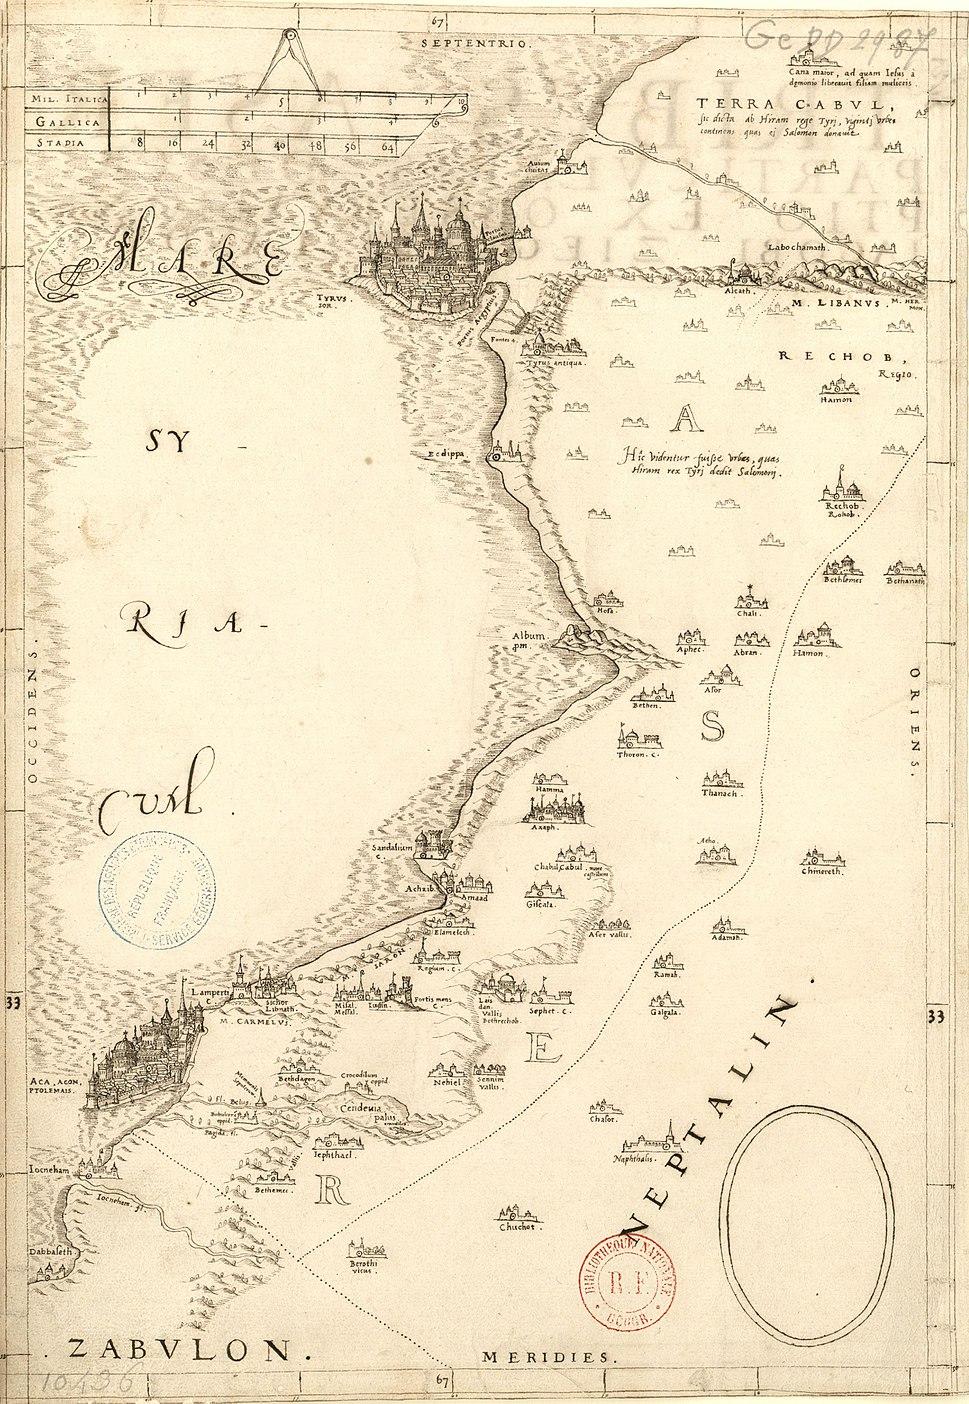 Jacob Ziegler. Tibus Aser particularis descriptio ex observatione Iacobi Ziegleri Landavi. 16th century